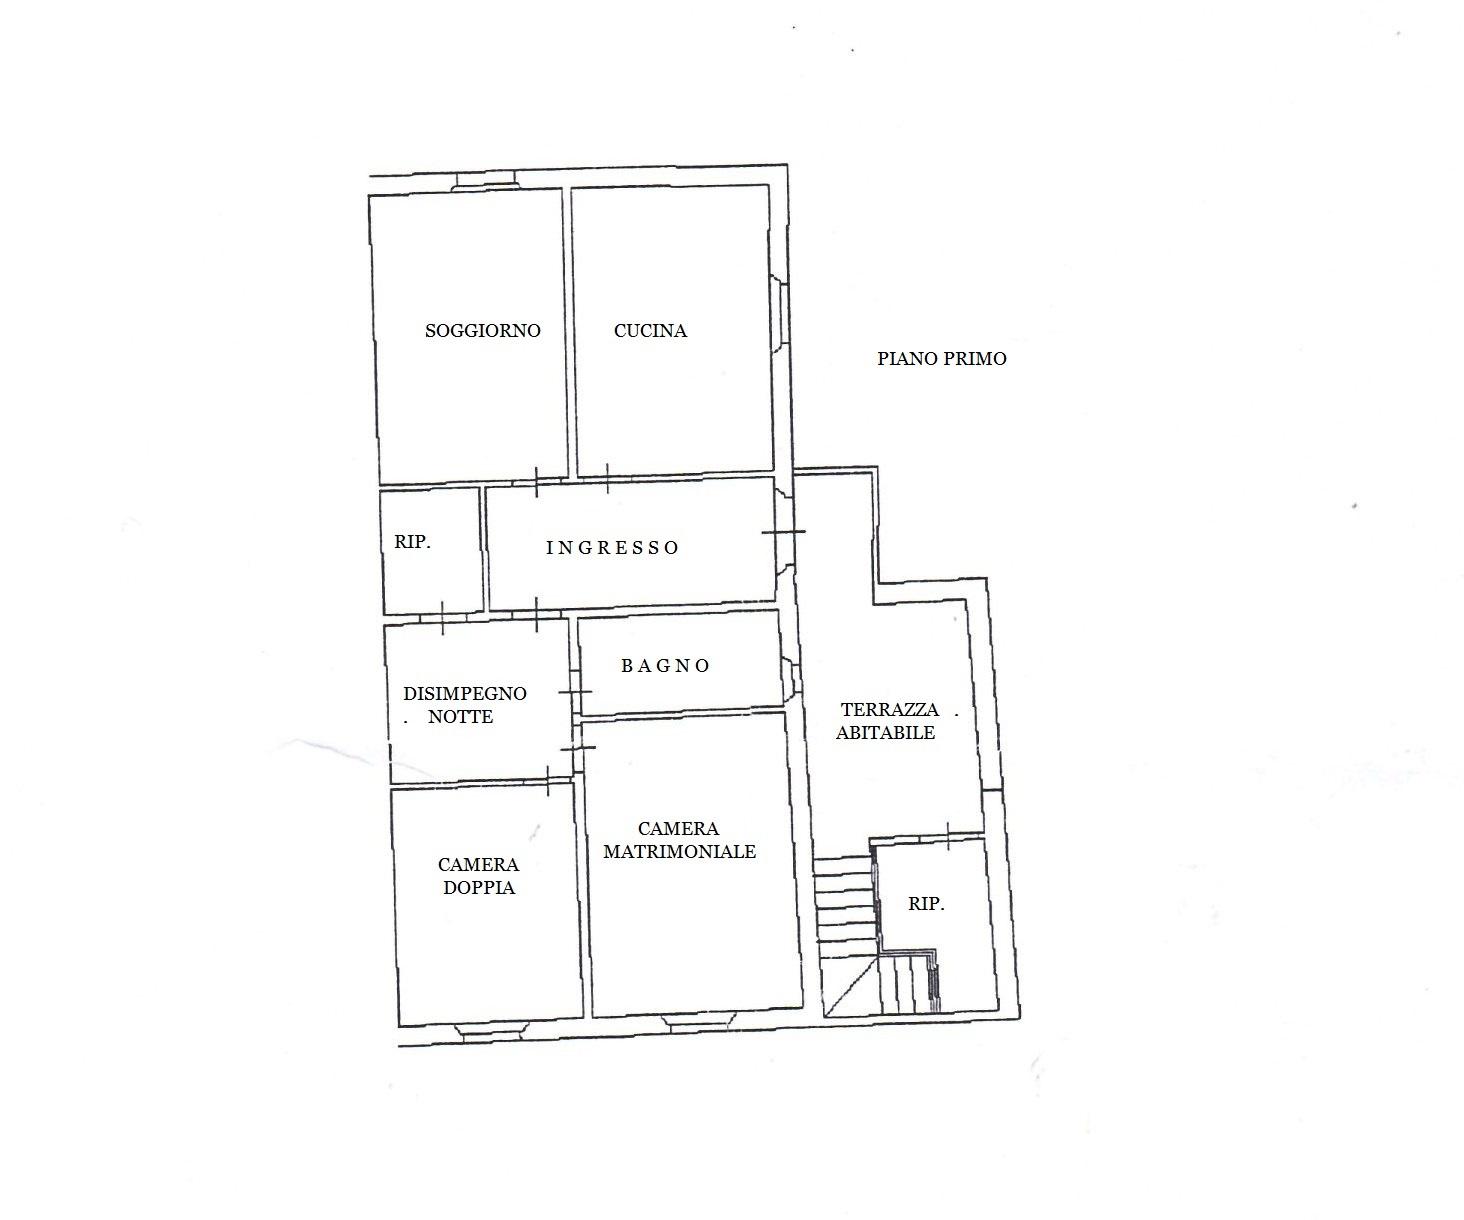 Appartamento in vendita, rif. MA3050 (Planimetria 1/1)